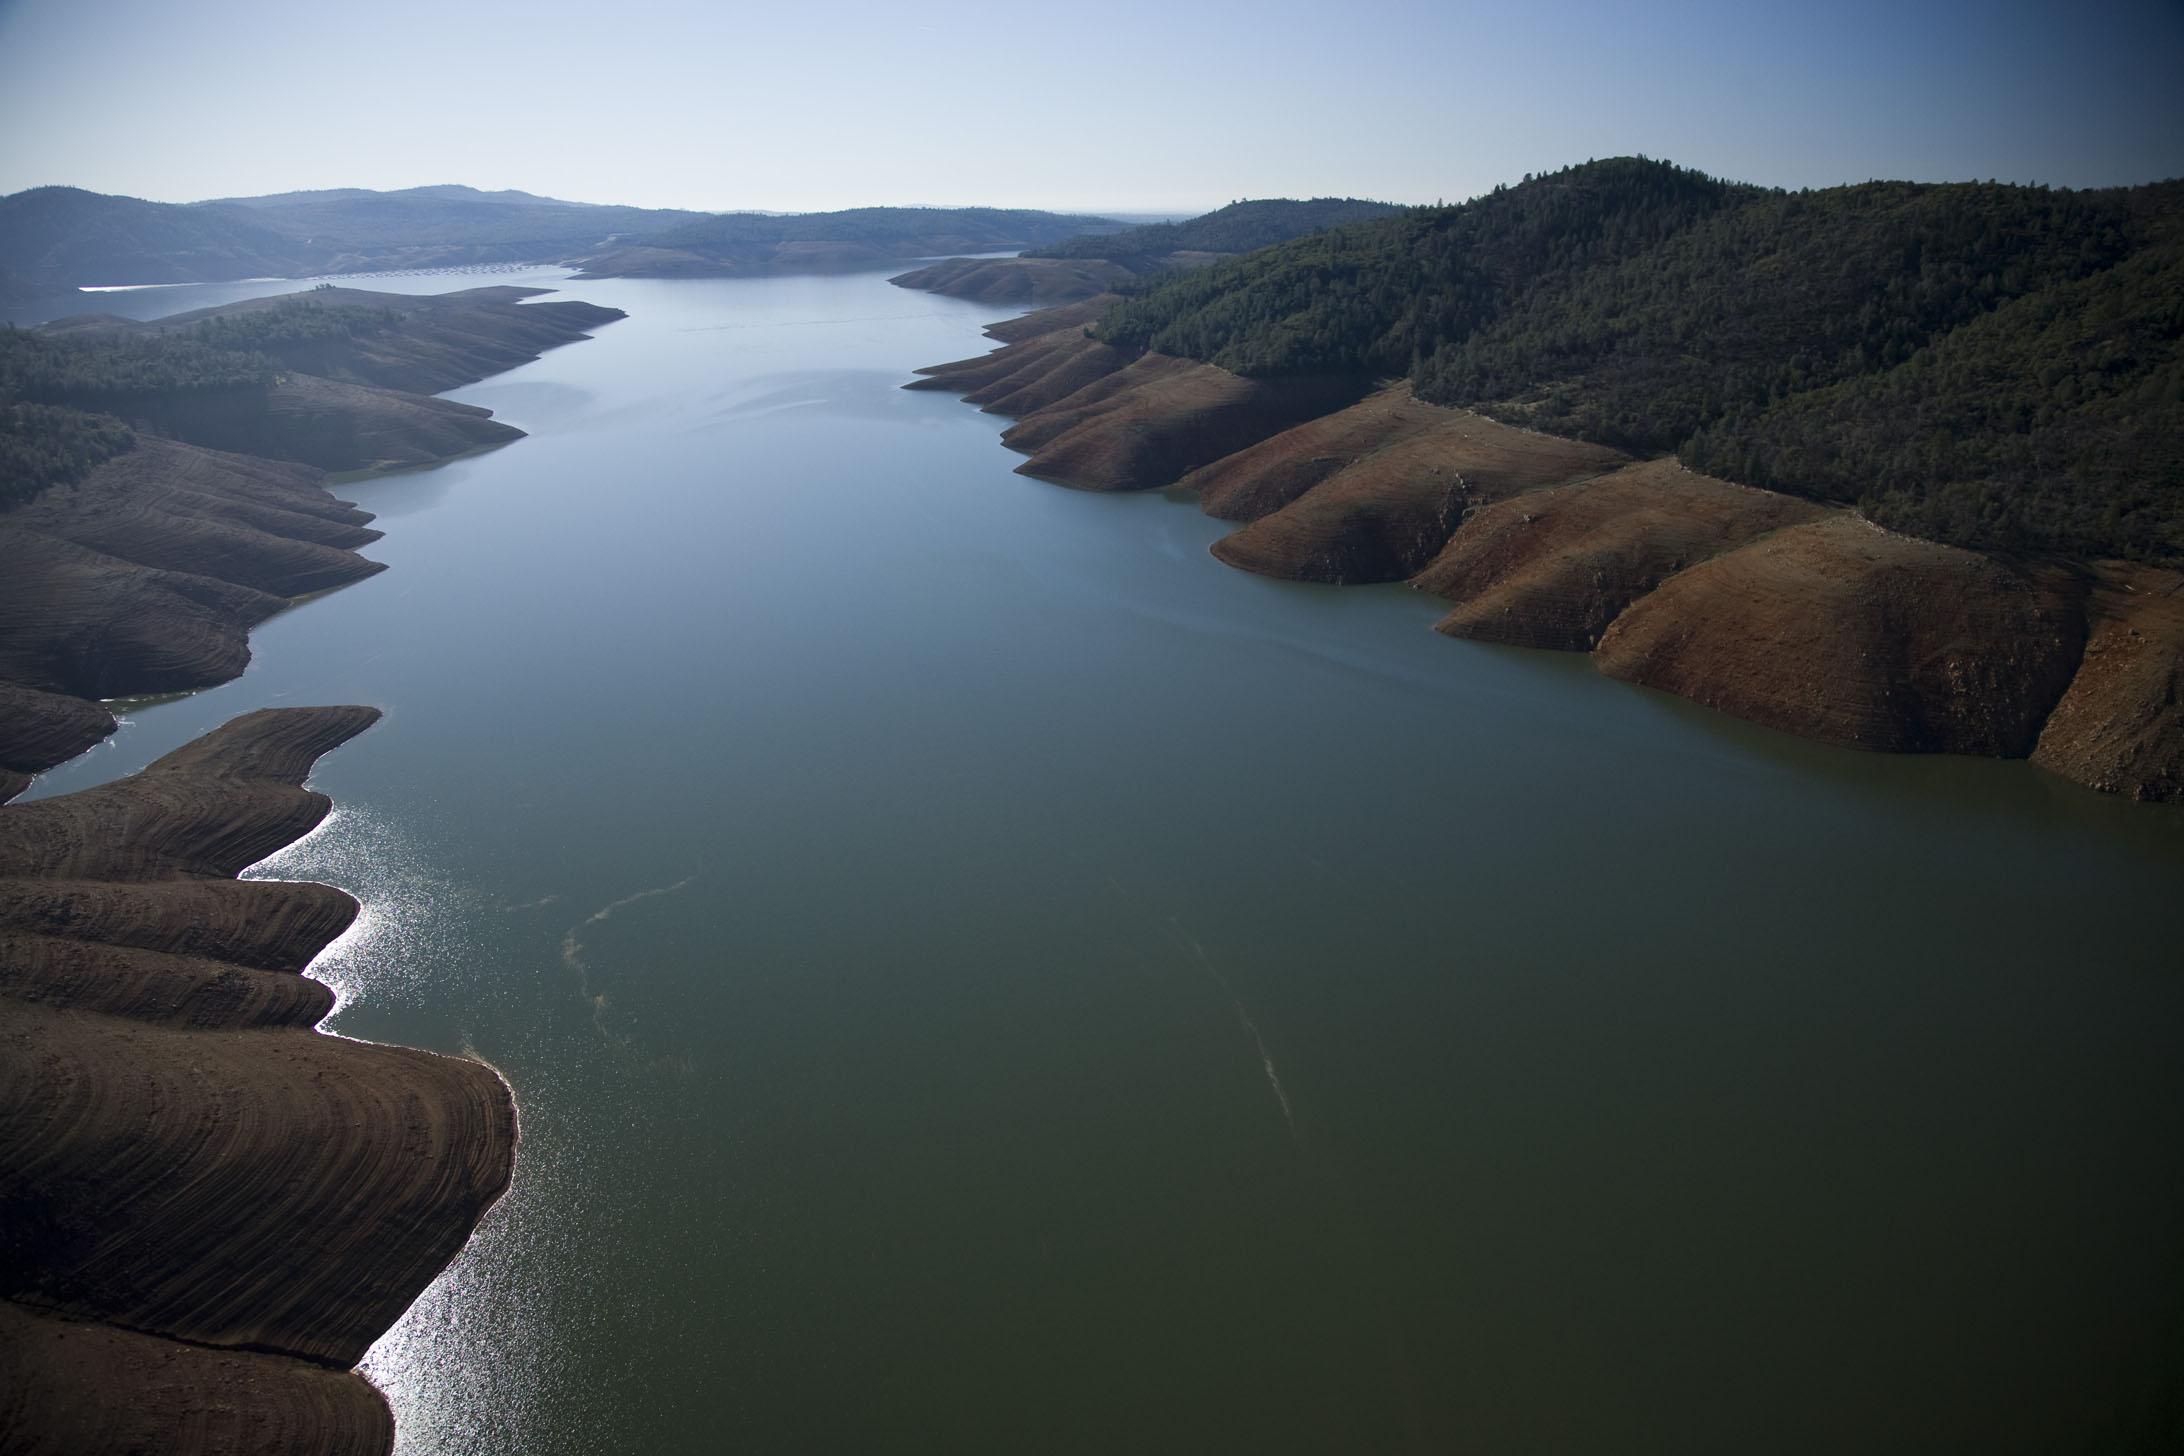 águas subterrâneas na Califórnia, imagem ilustrativa